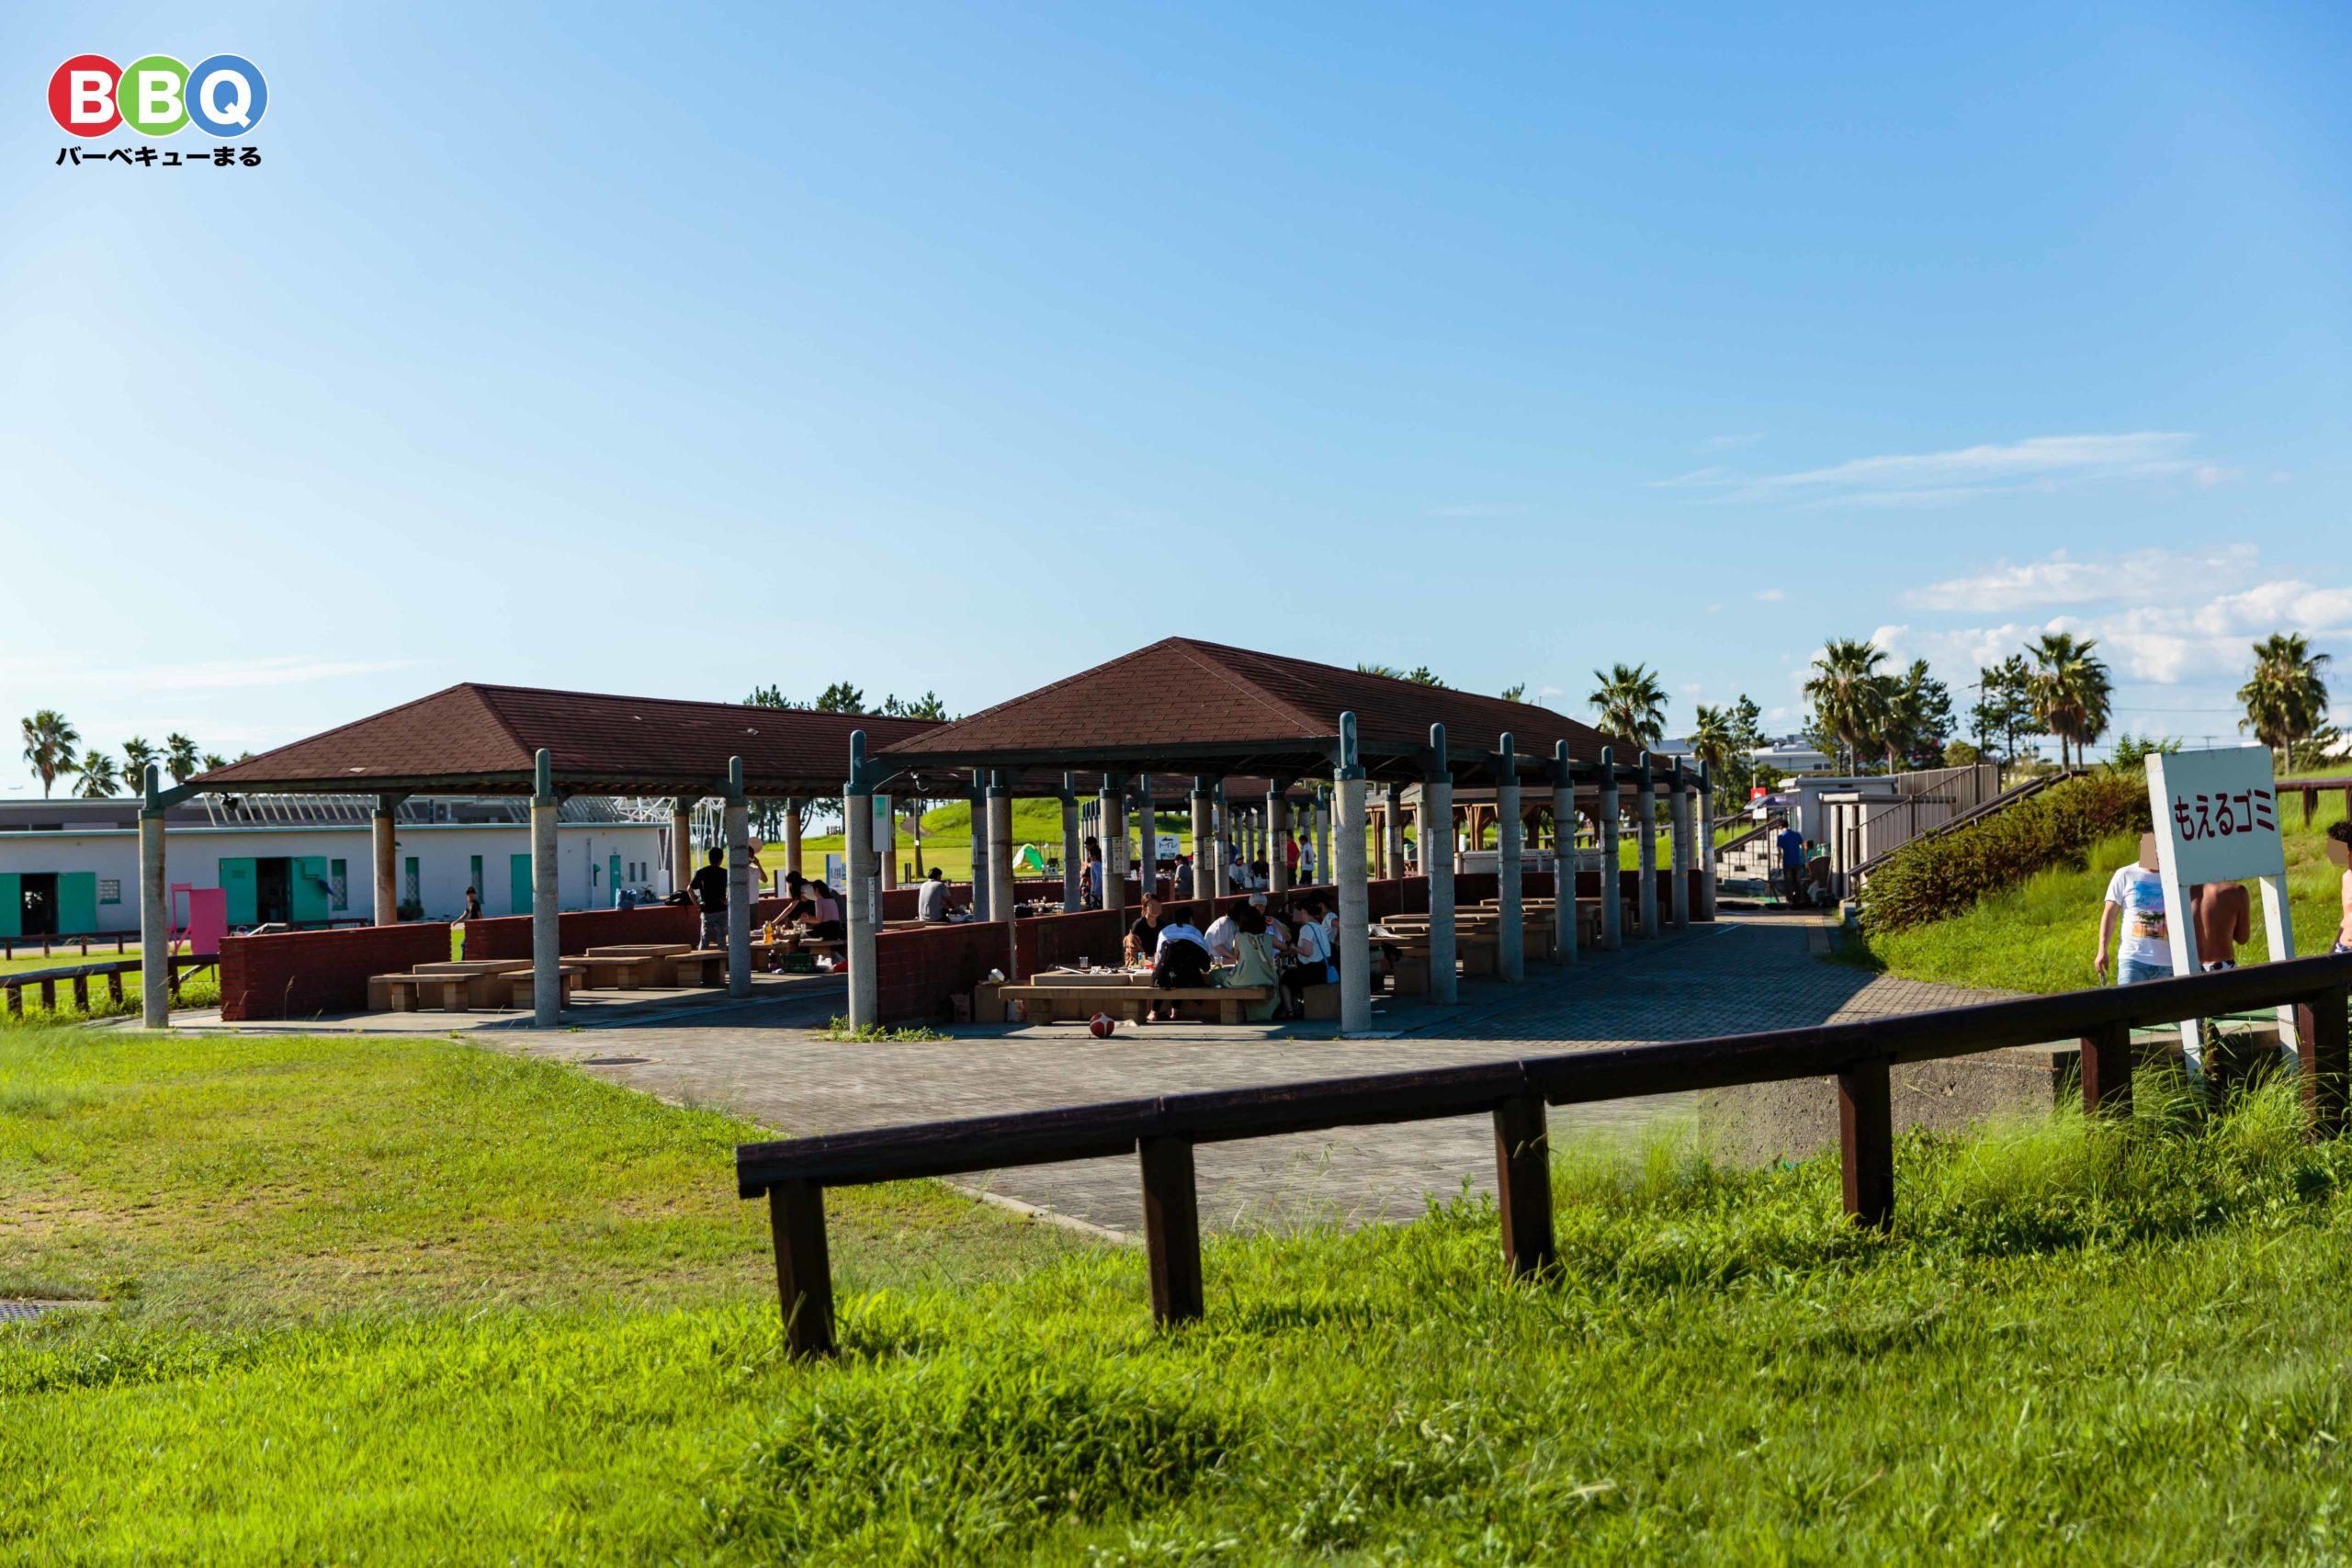 二色の浜公園海浜緑地有料BBQ施設のゴミ捨て場